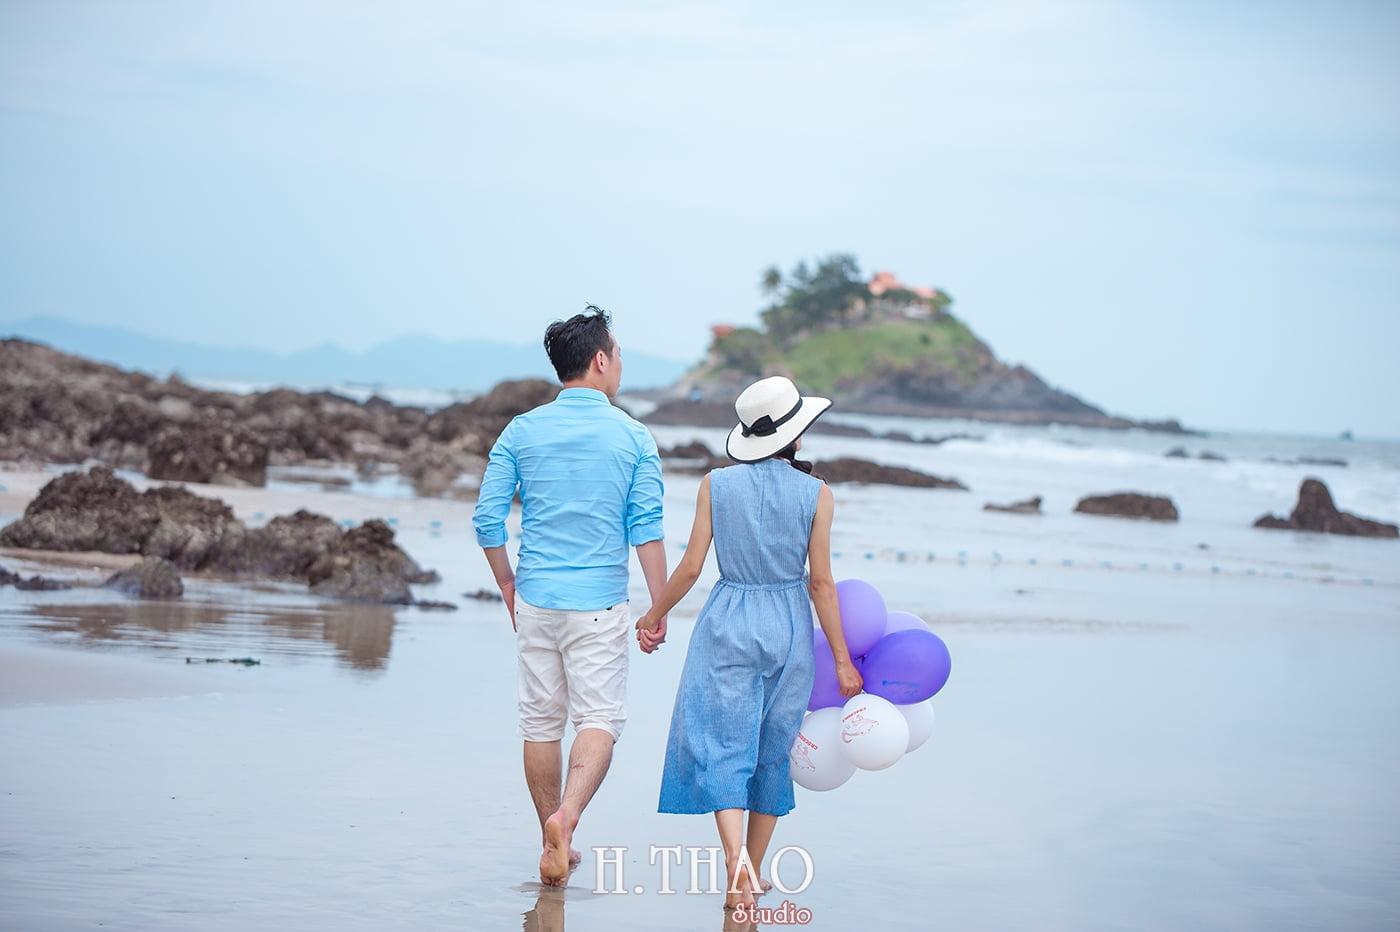 anh 356 - Ảnh cưới Mũi Nghinh Phong, Vũng Tàu